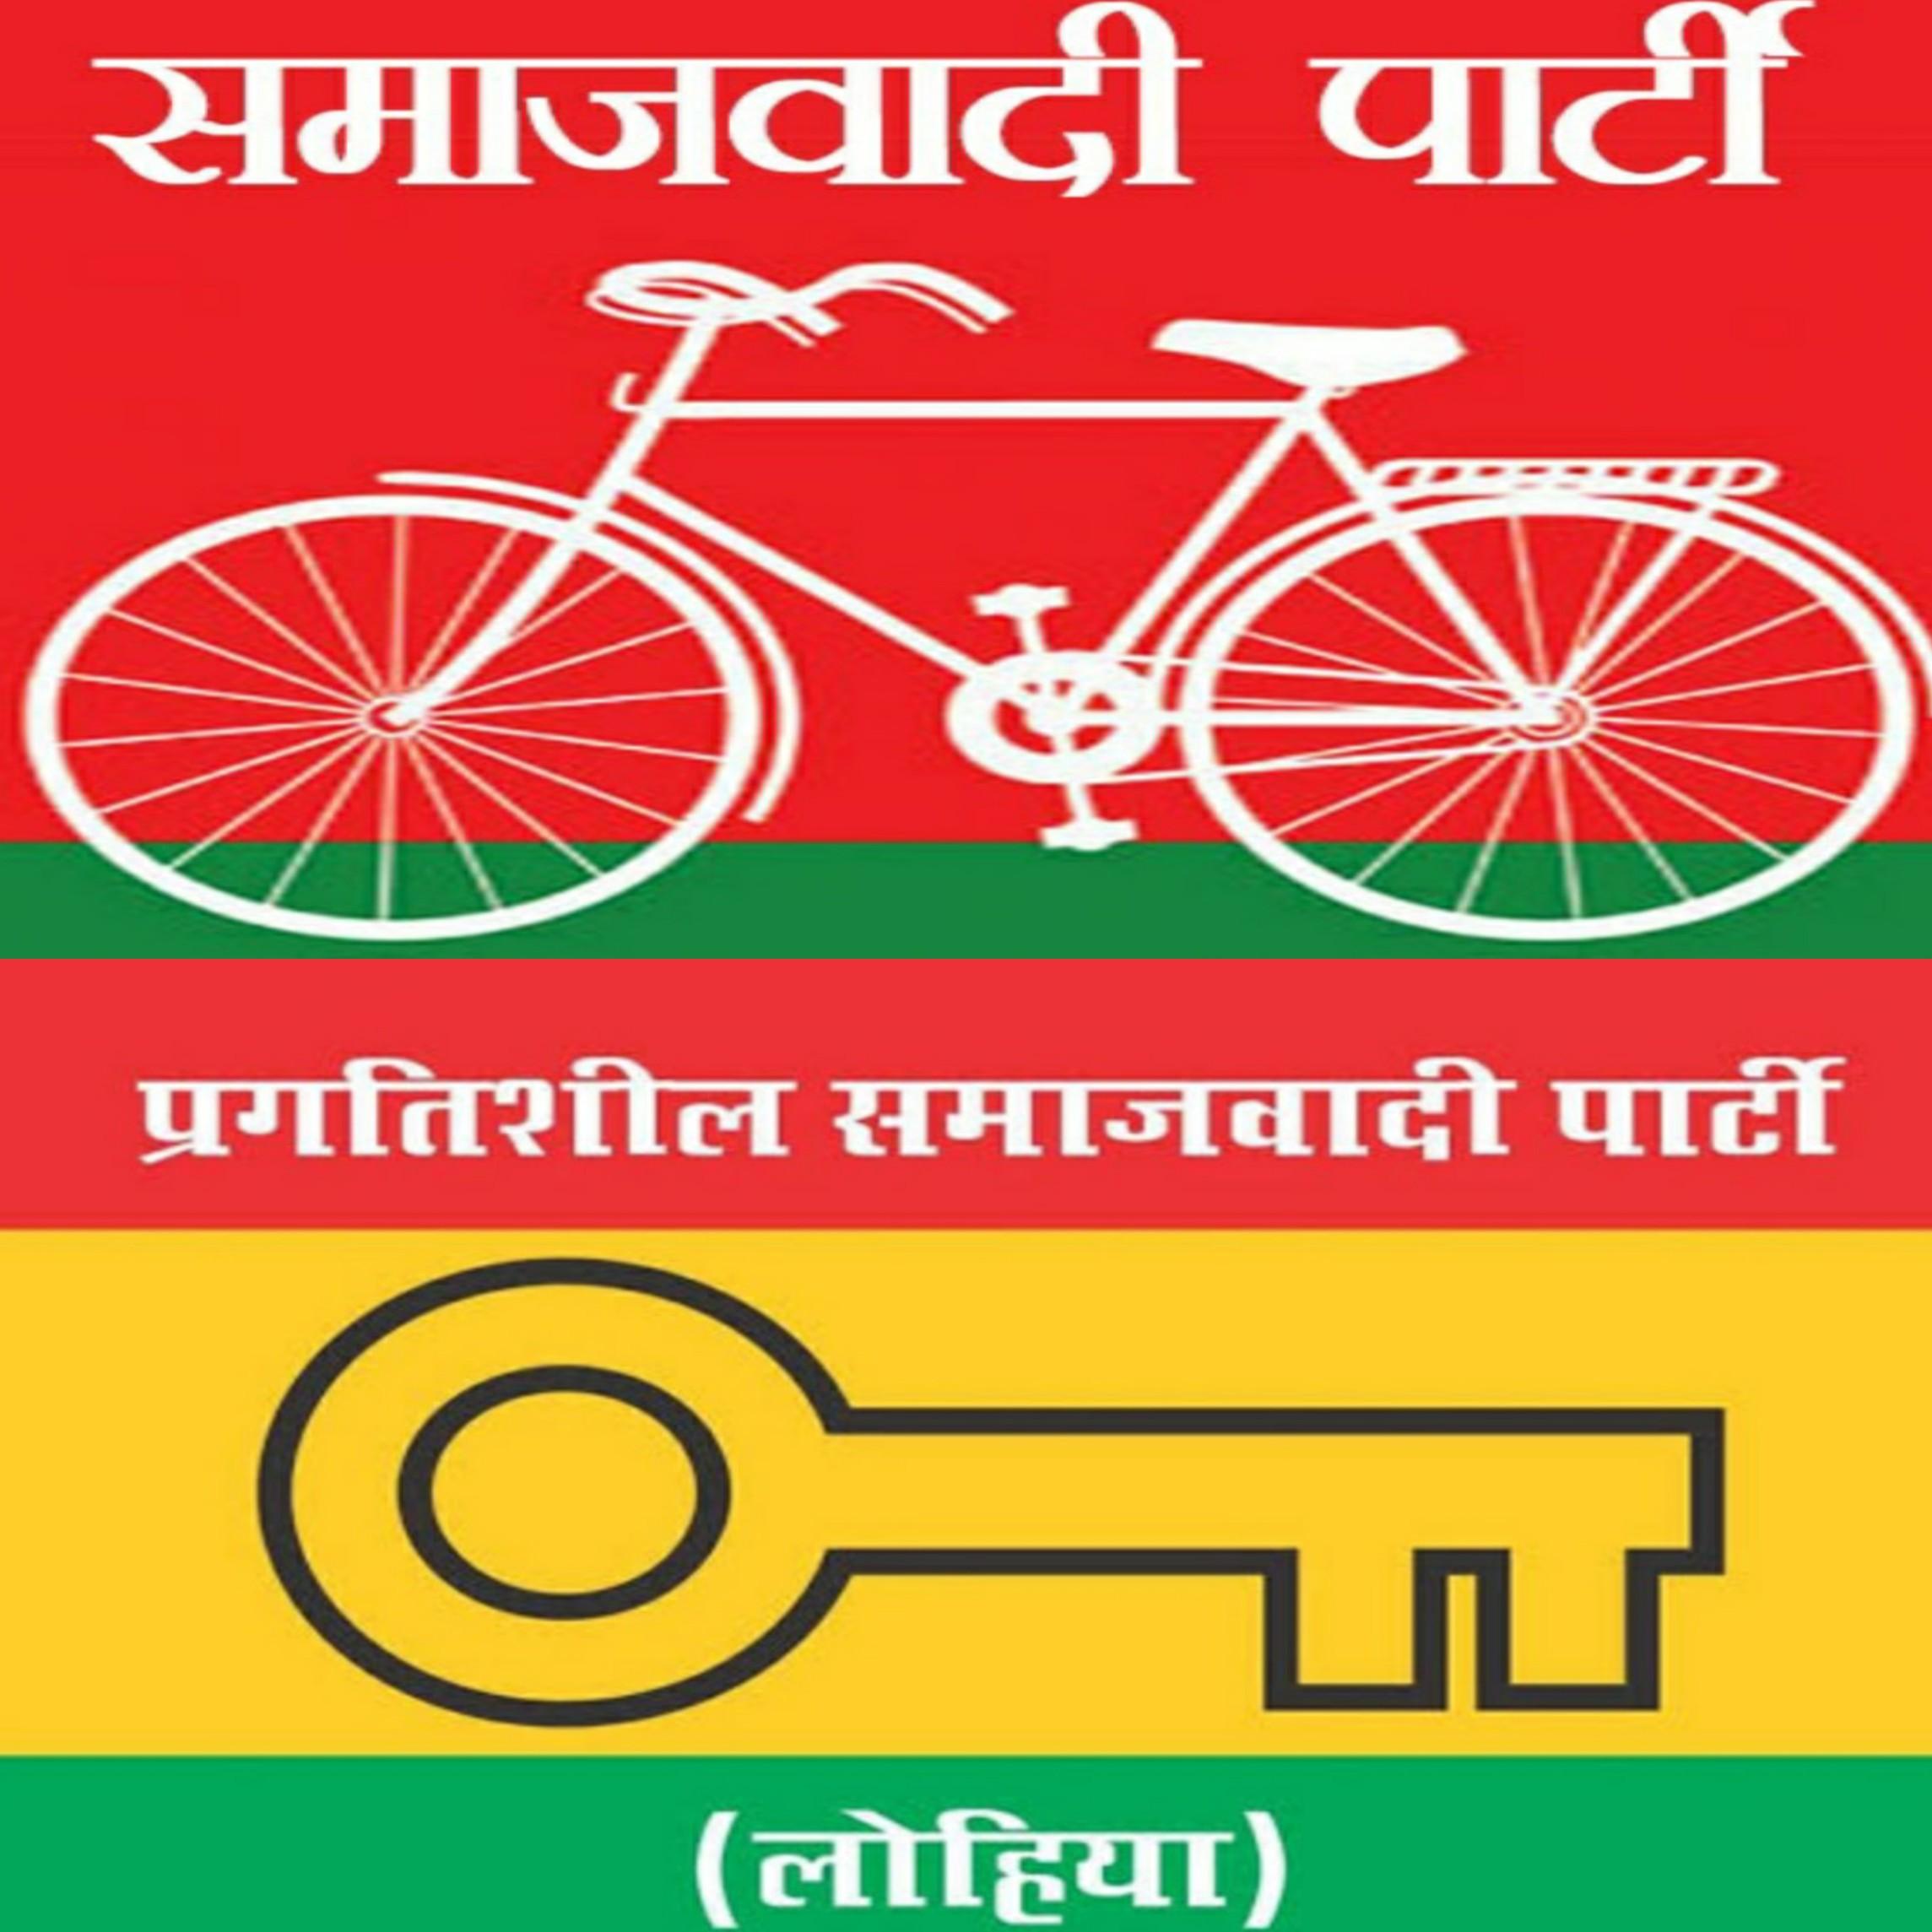 हिंदी समाचार  2022 होने वाले विधानसभा के लिये...